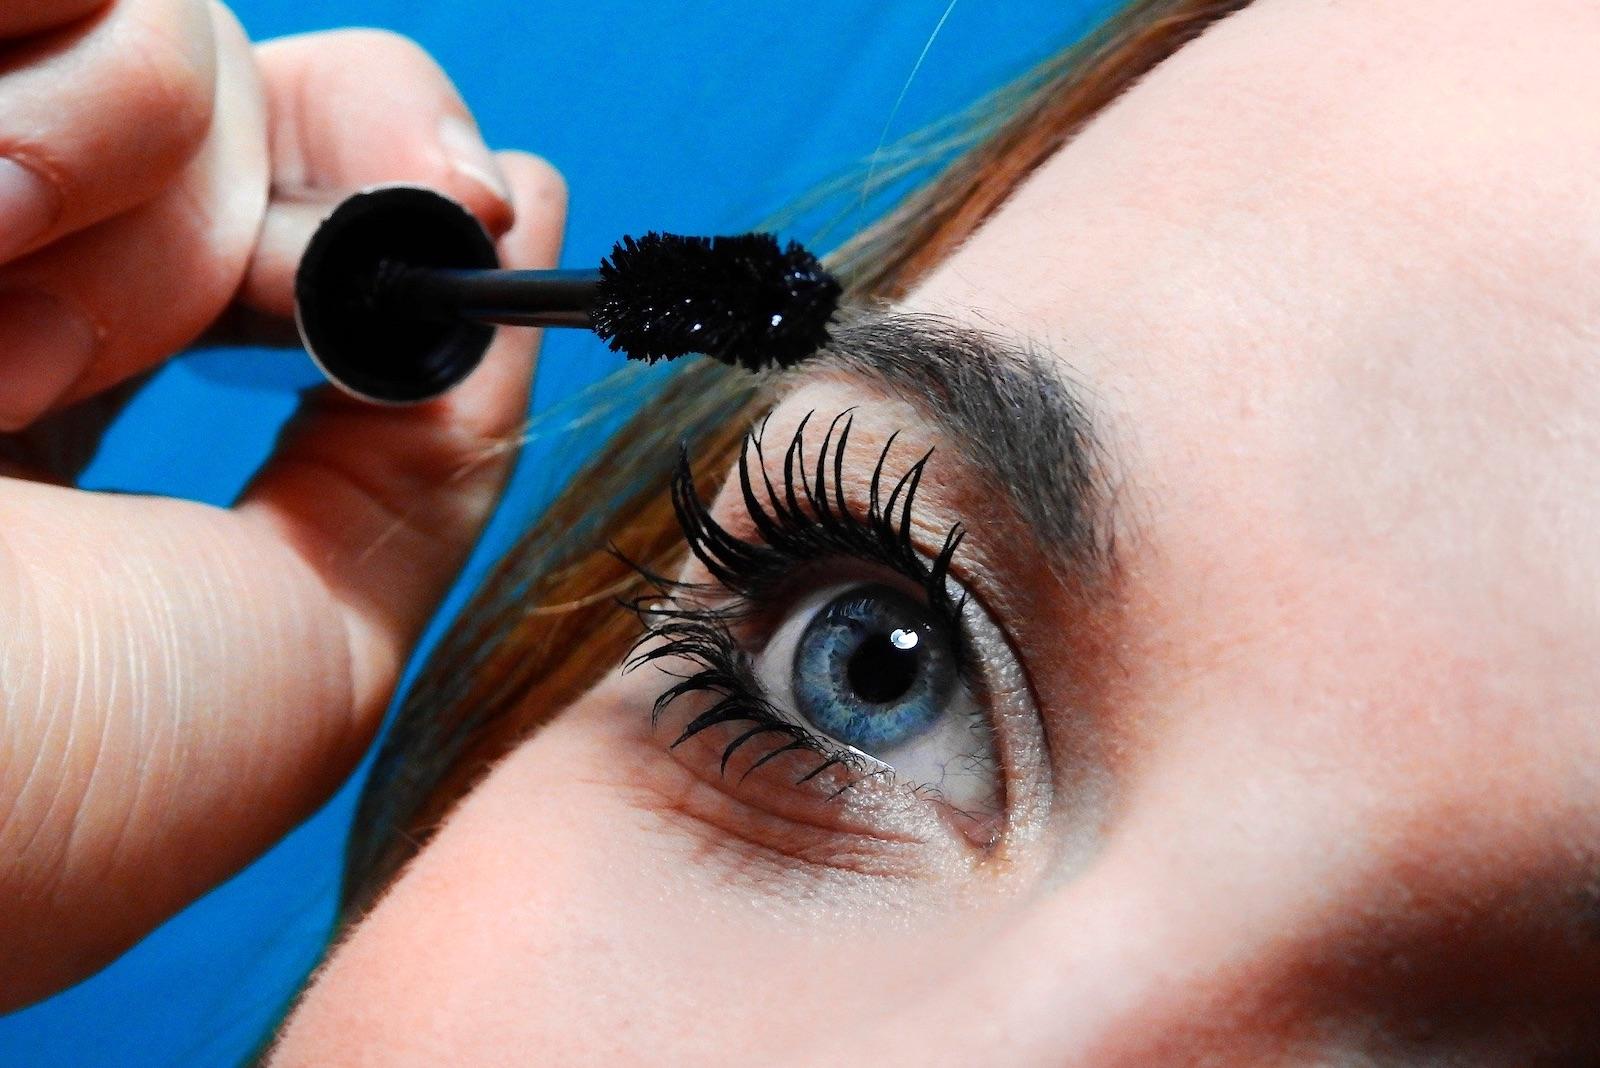 restabilirea vederii prin metoda bragg tratamentul vederii cu antrenament muscular